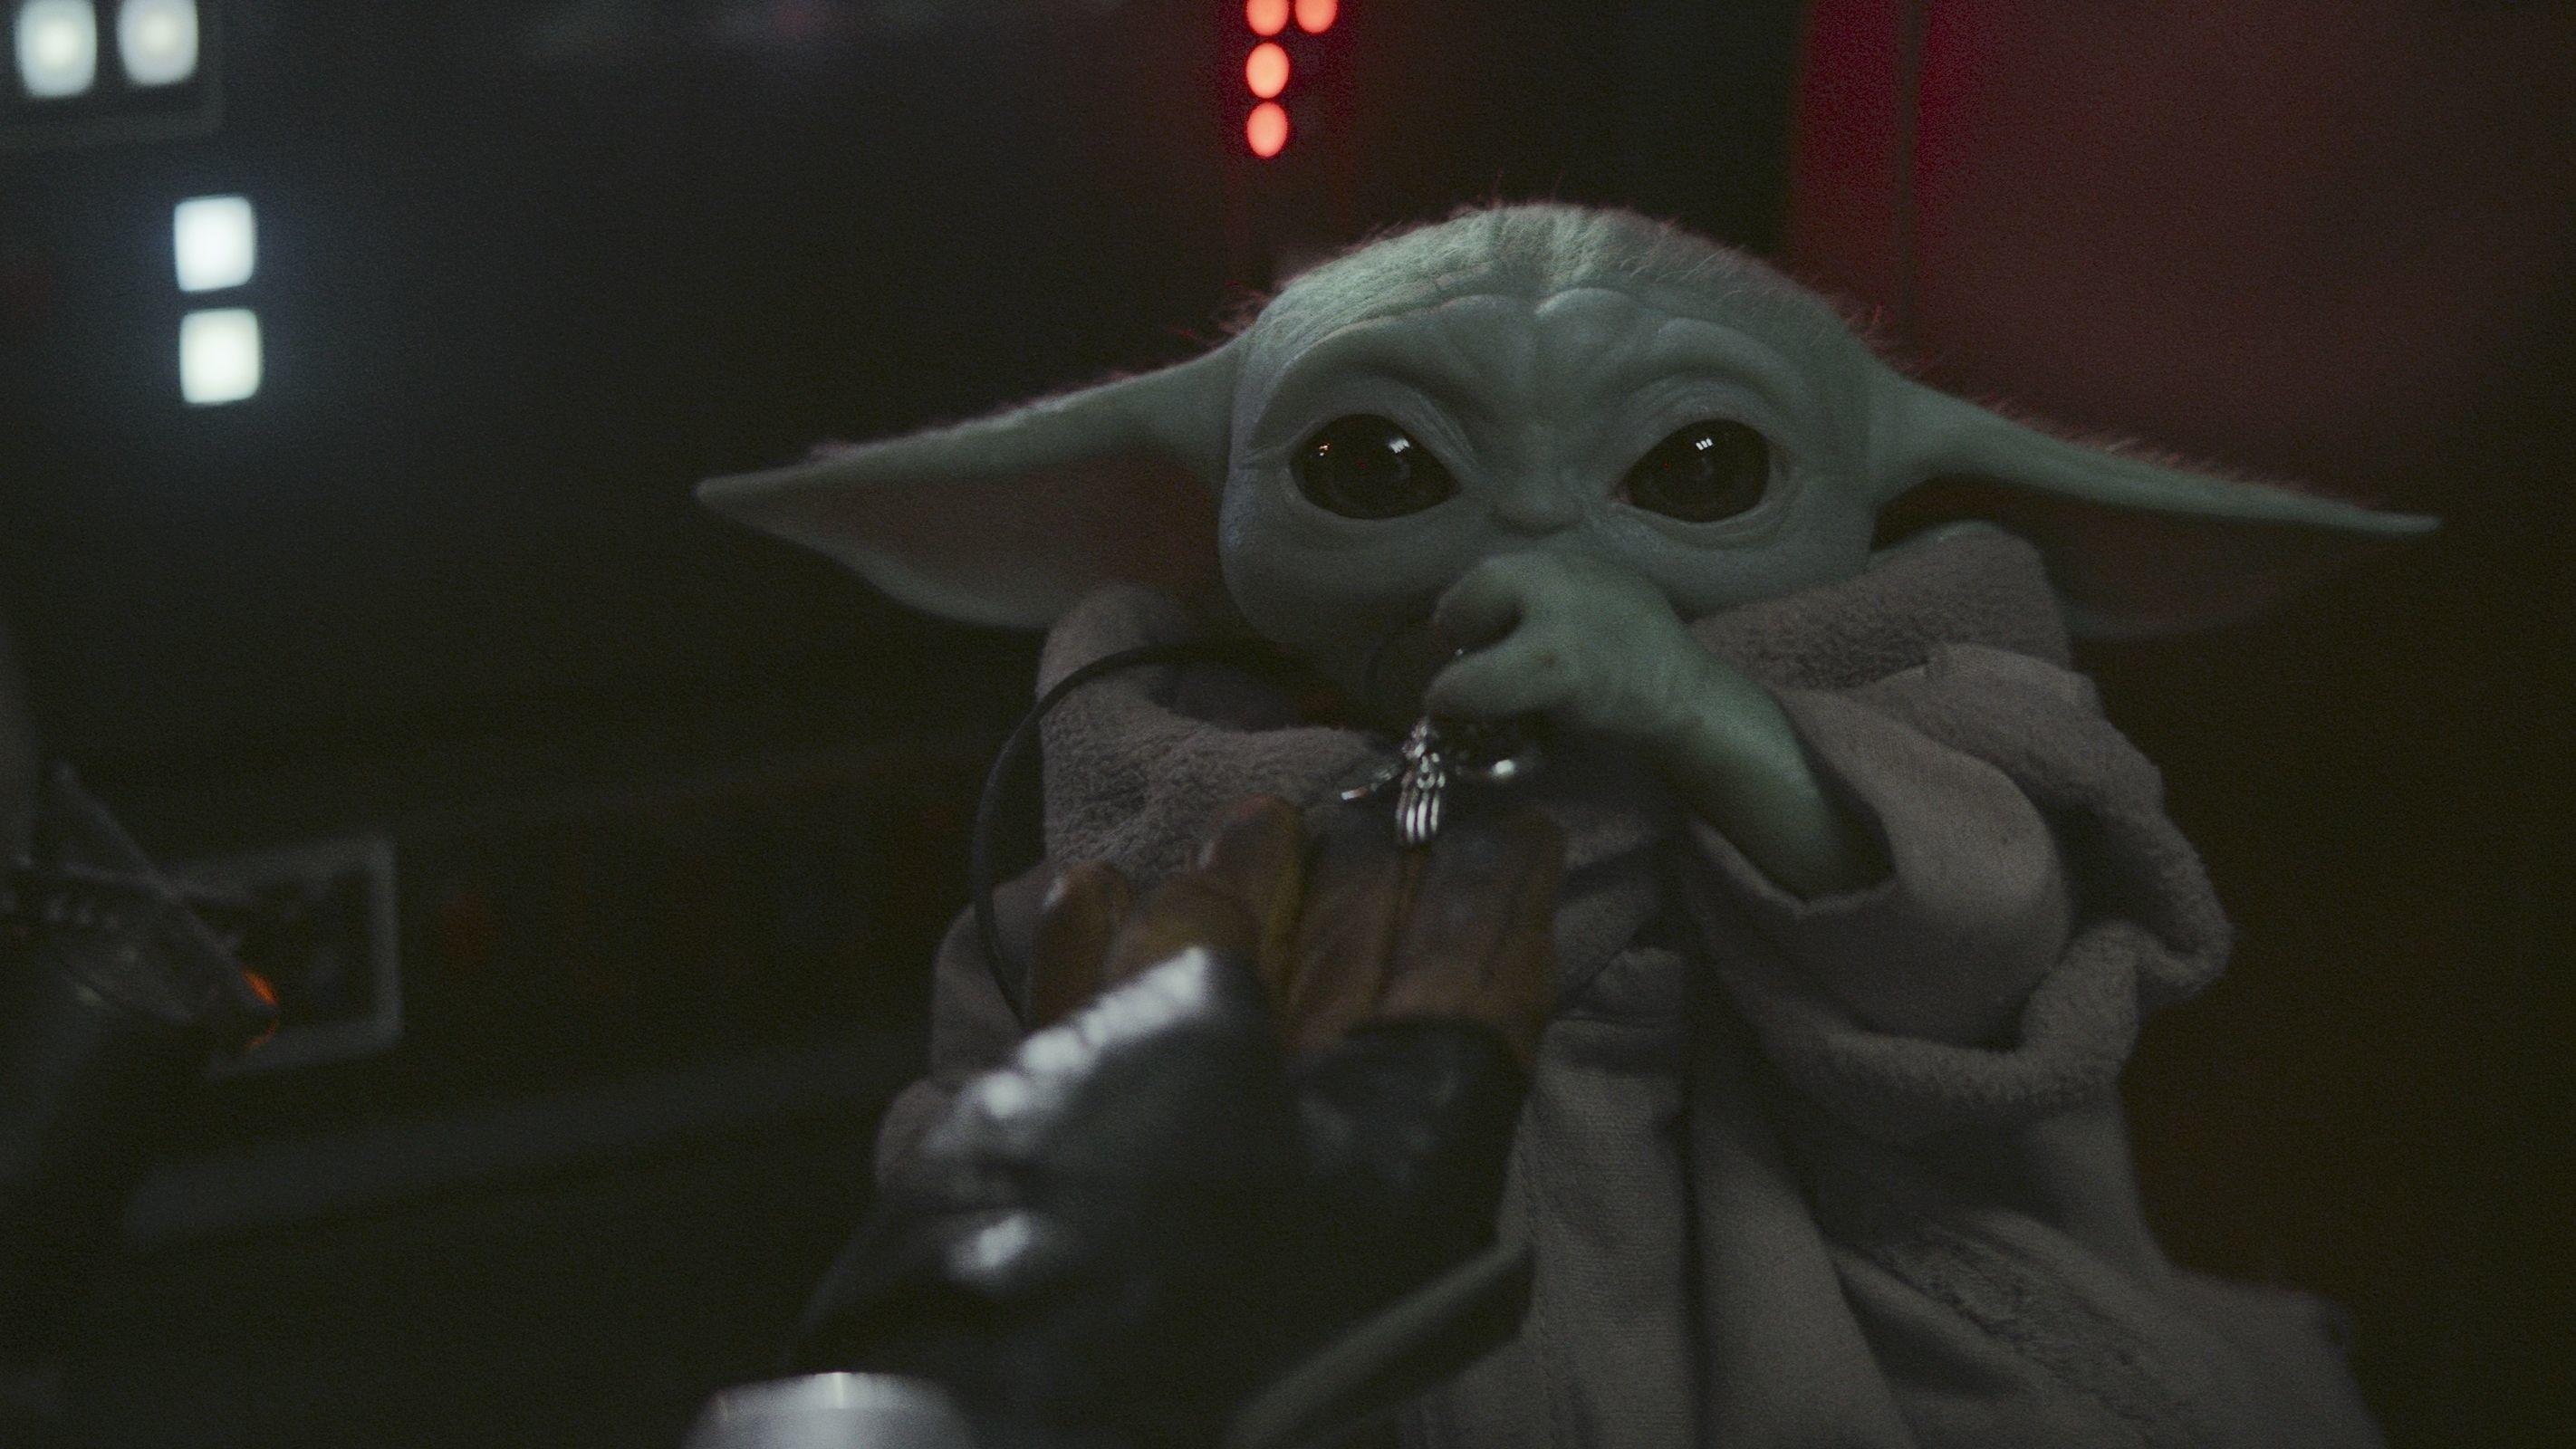 Baby Yoda aka il Bambino